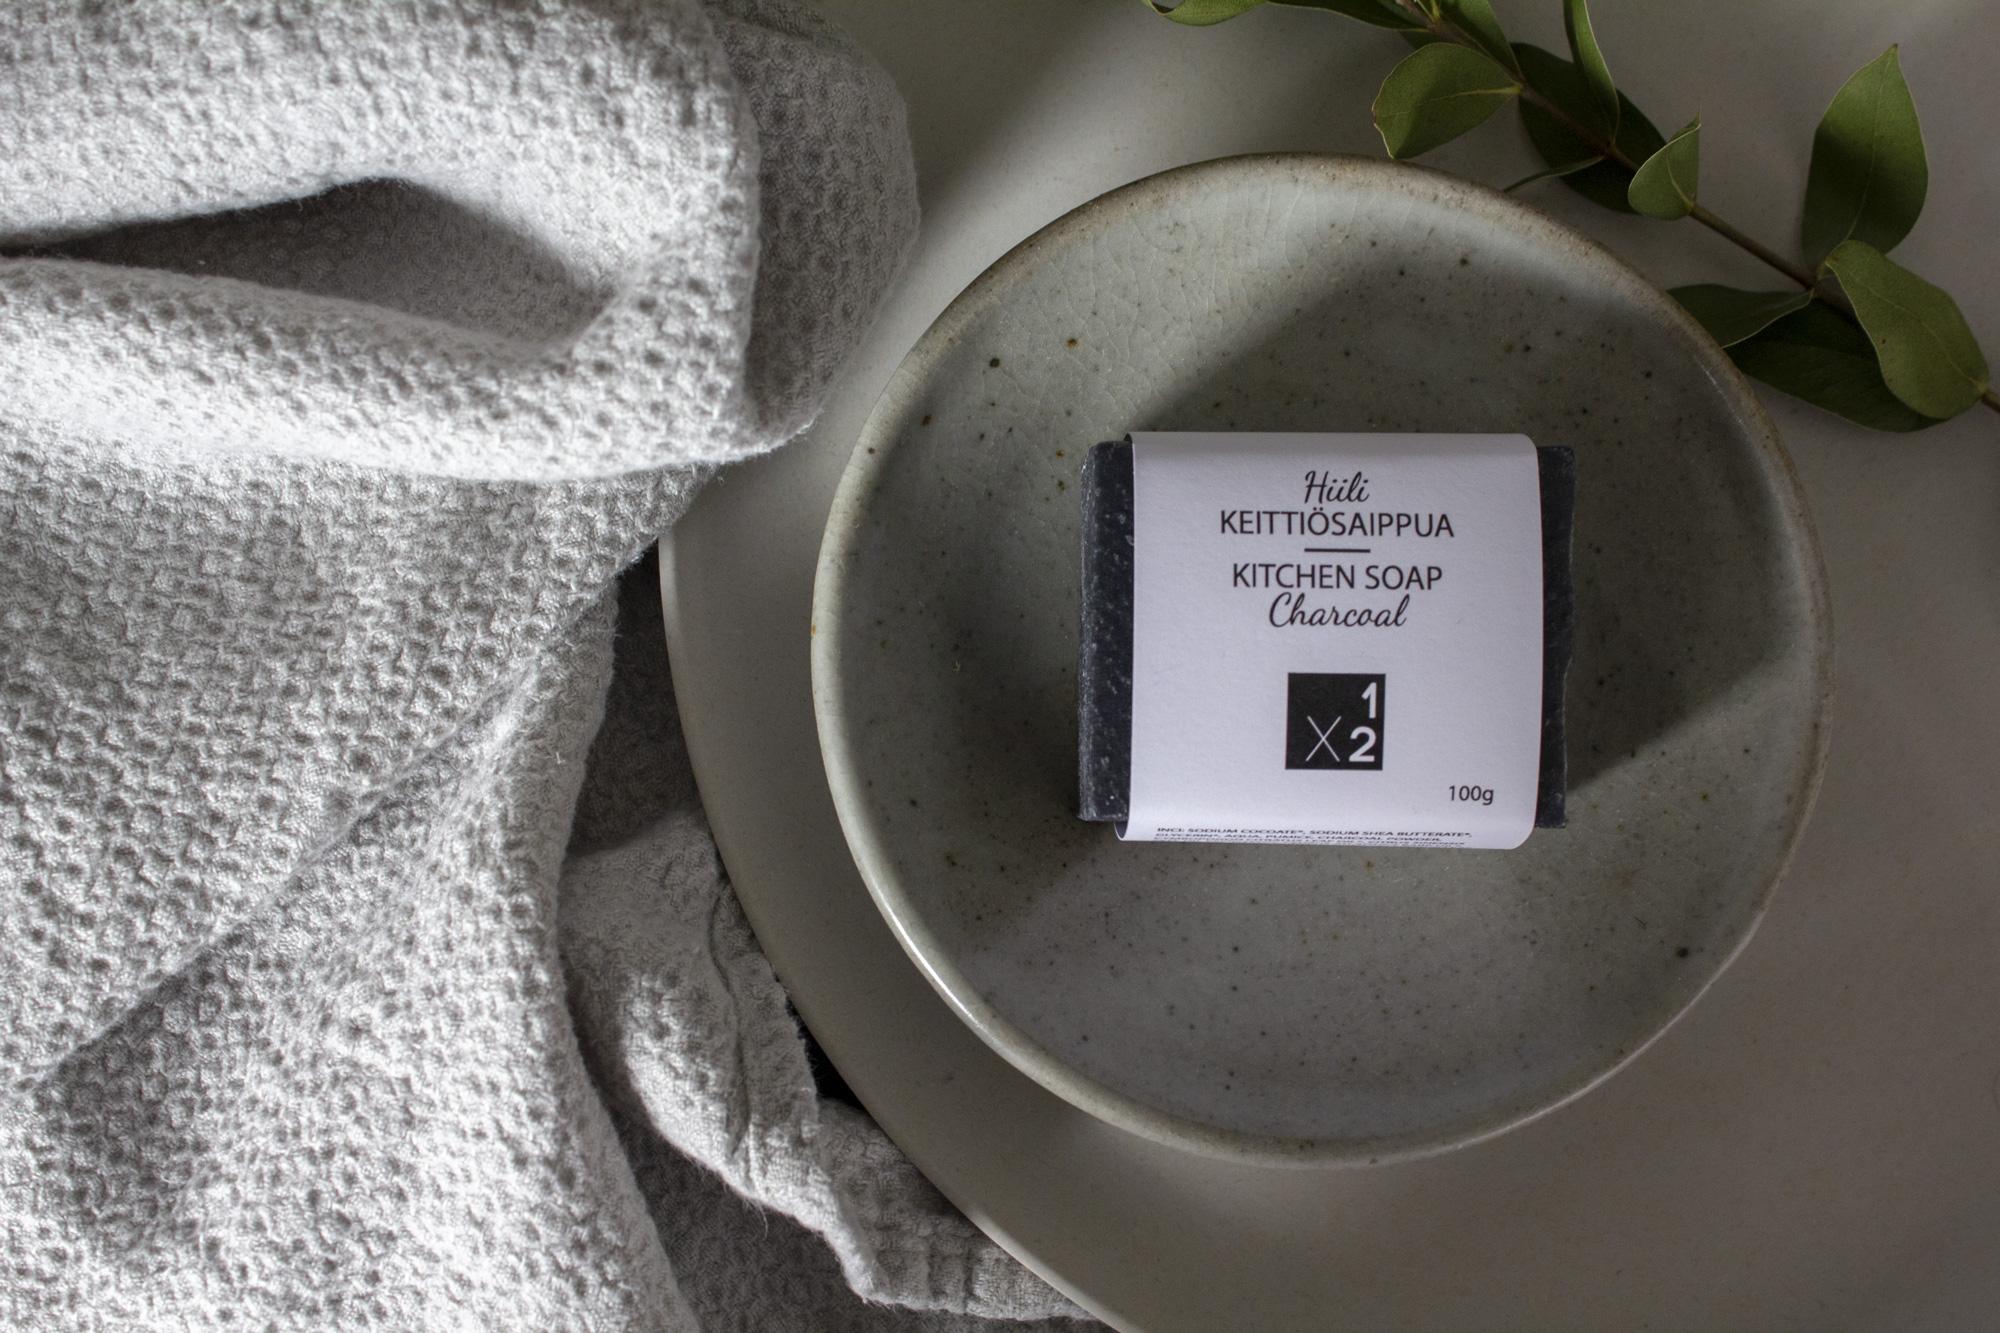 Hiili-keittiösaippua / Charcoal-kitchen soap